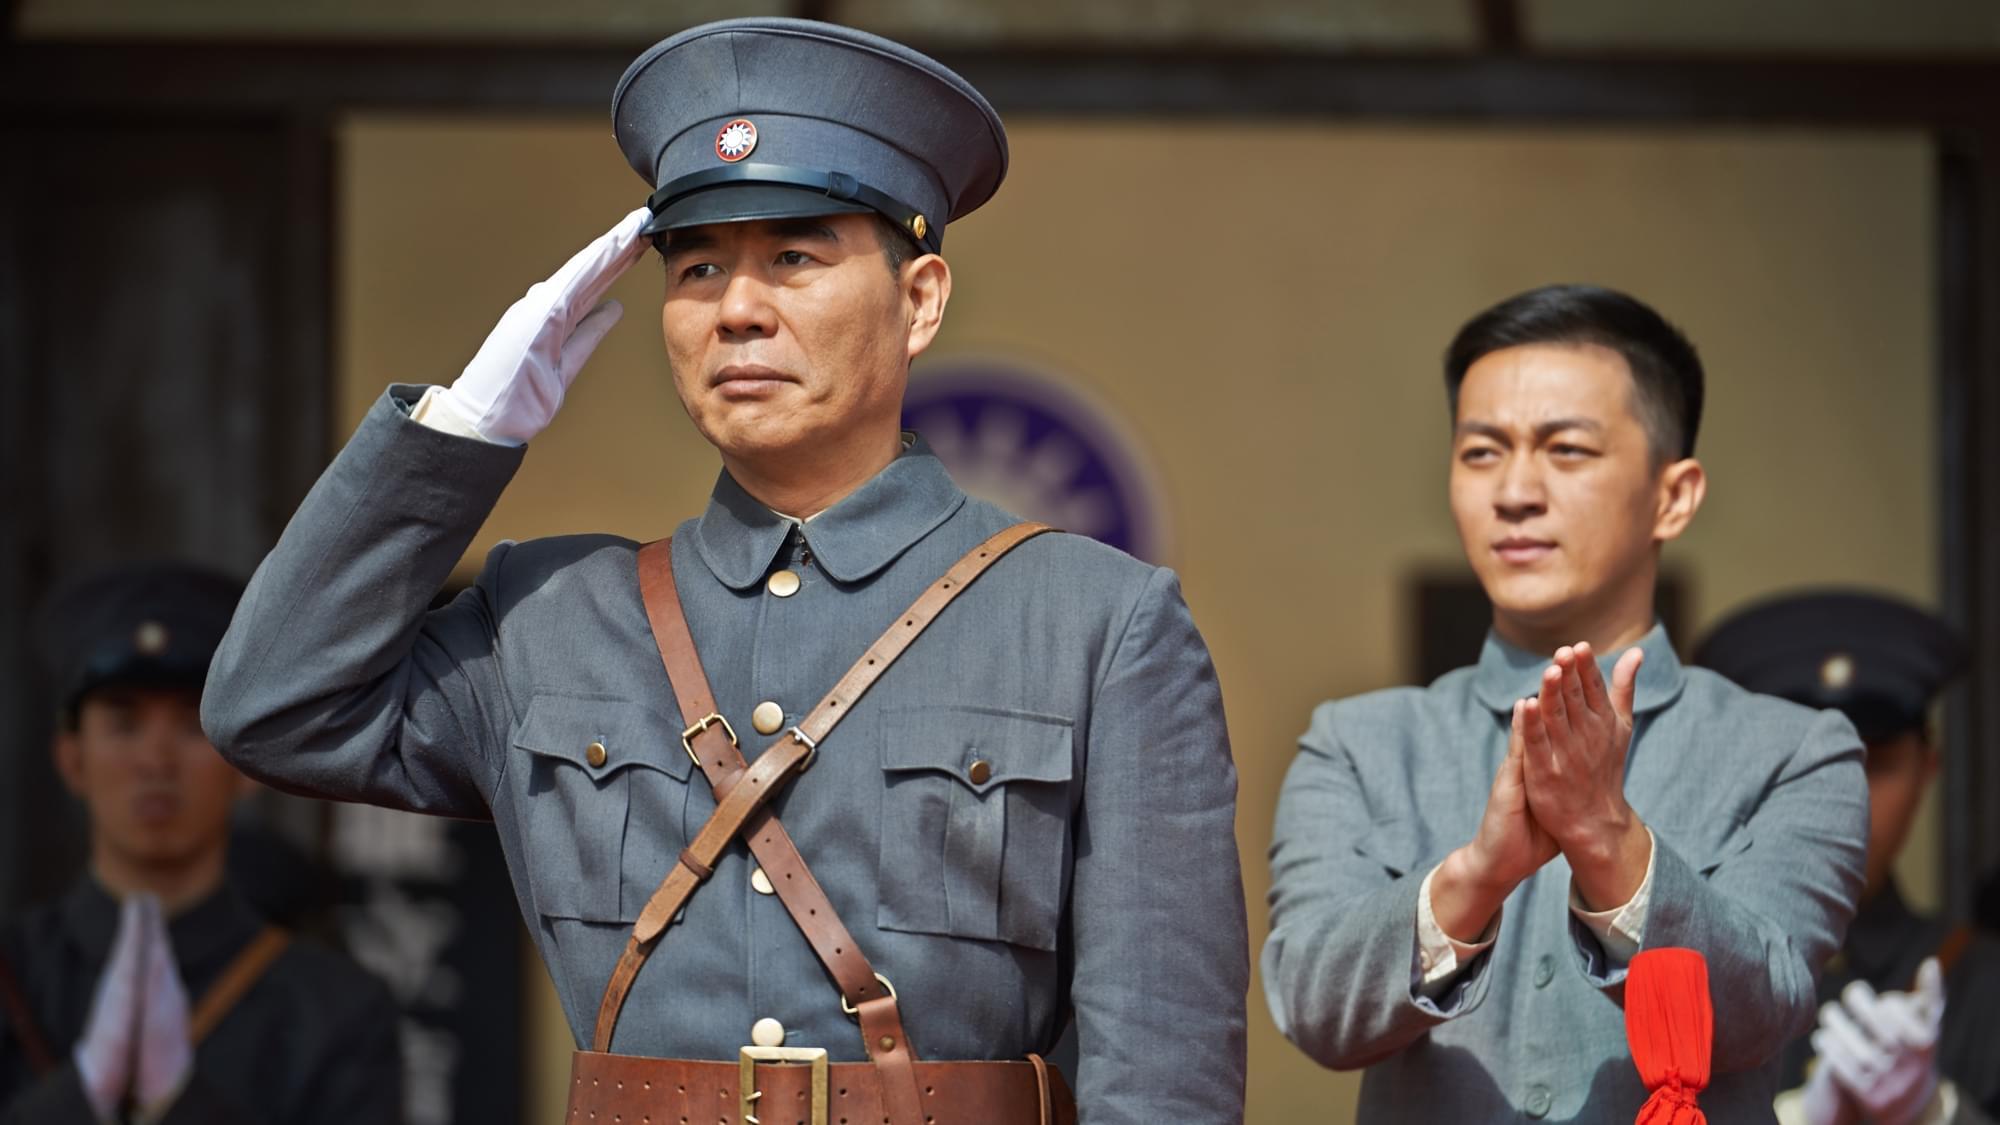 演员周惠林:军人热血,更以真挚情怀动人